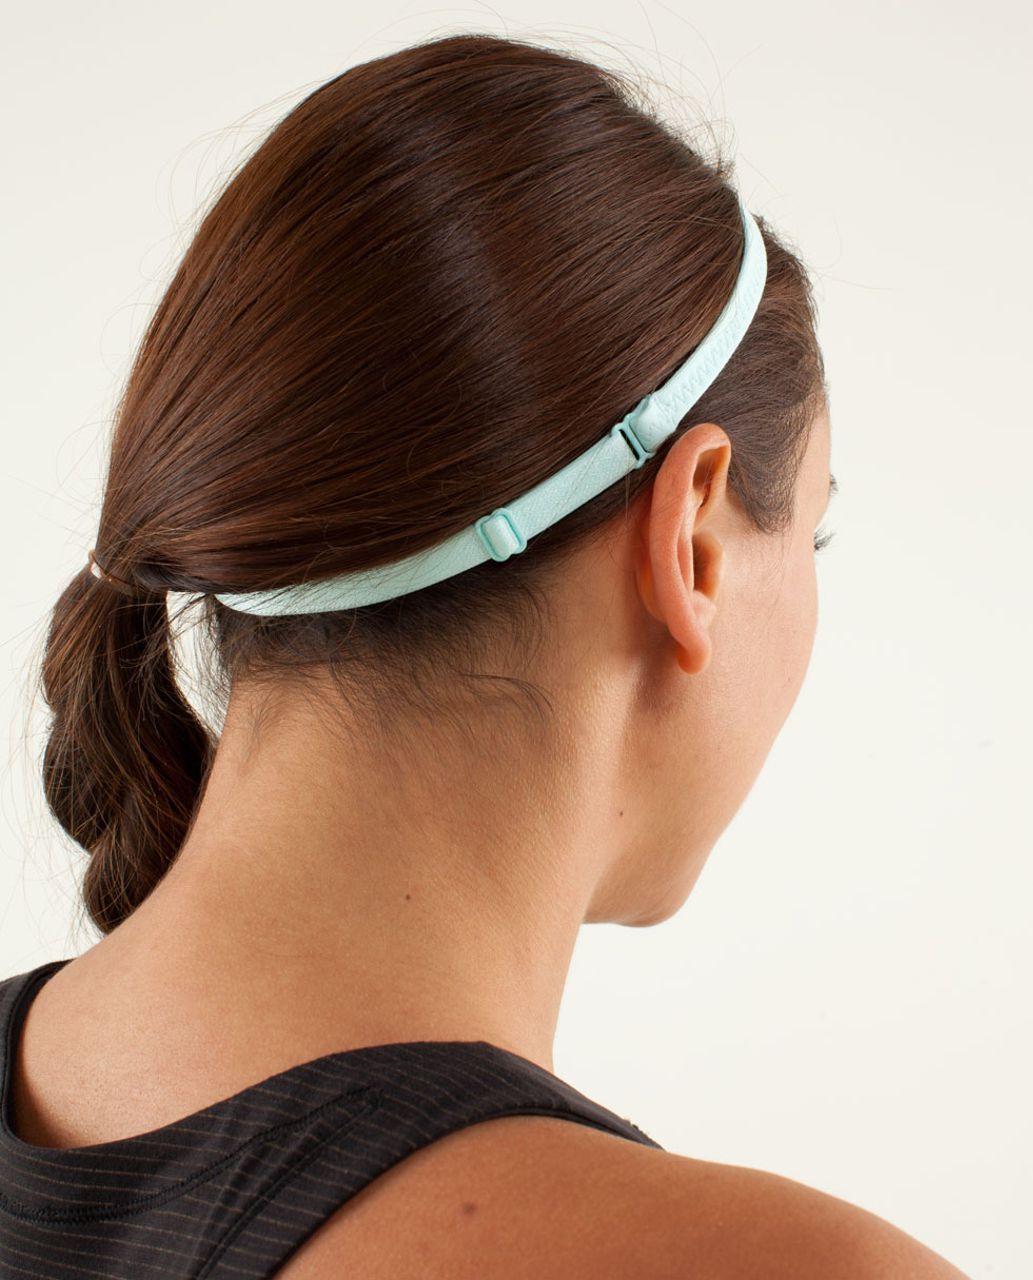 Lululemon Strappy Headband - Aquamarine